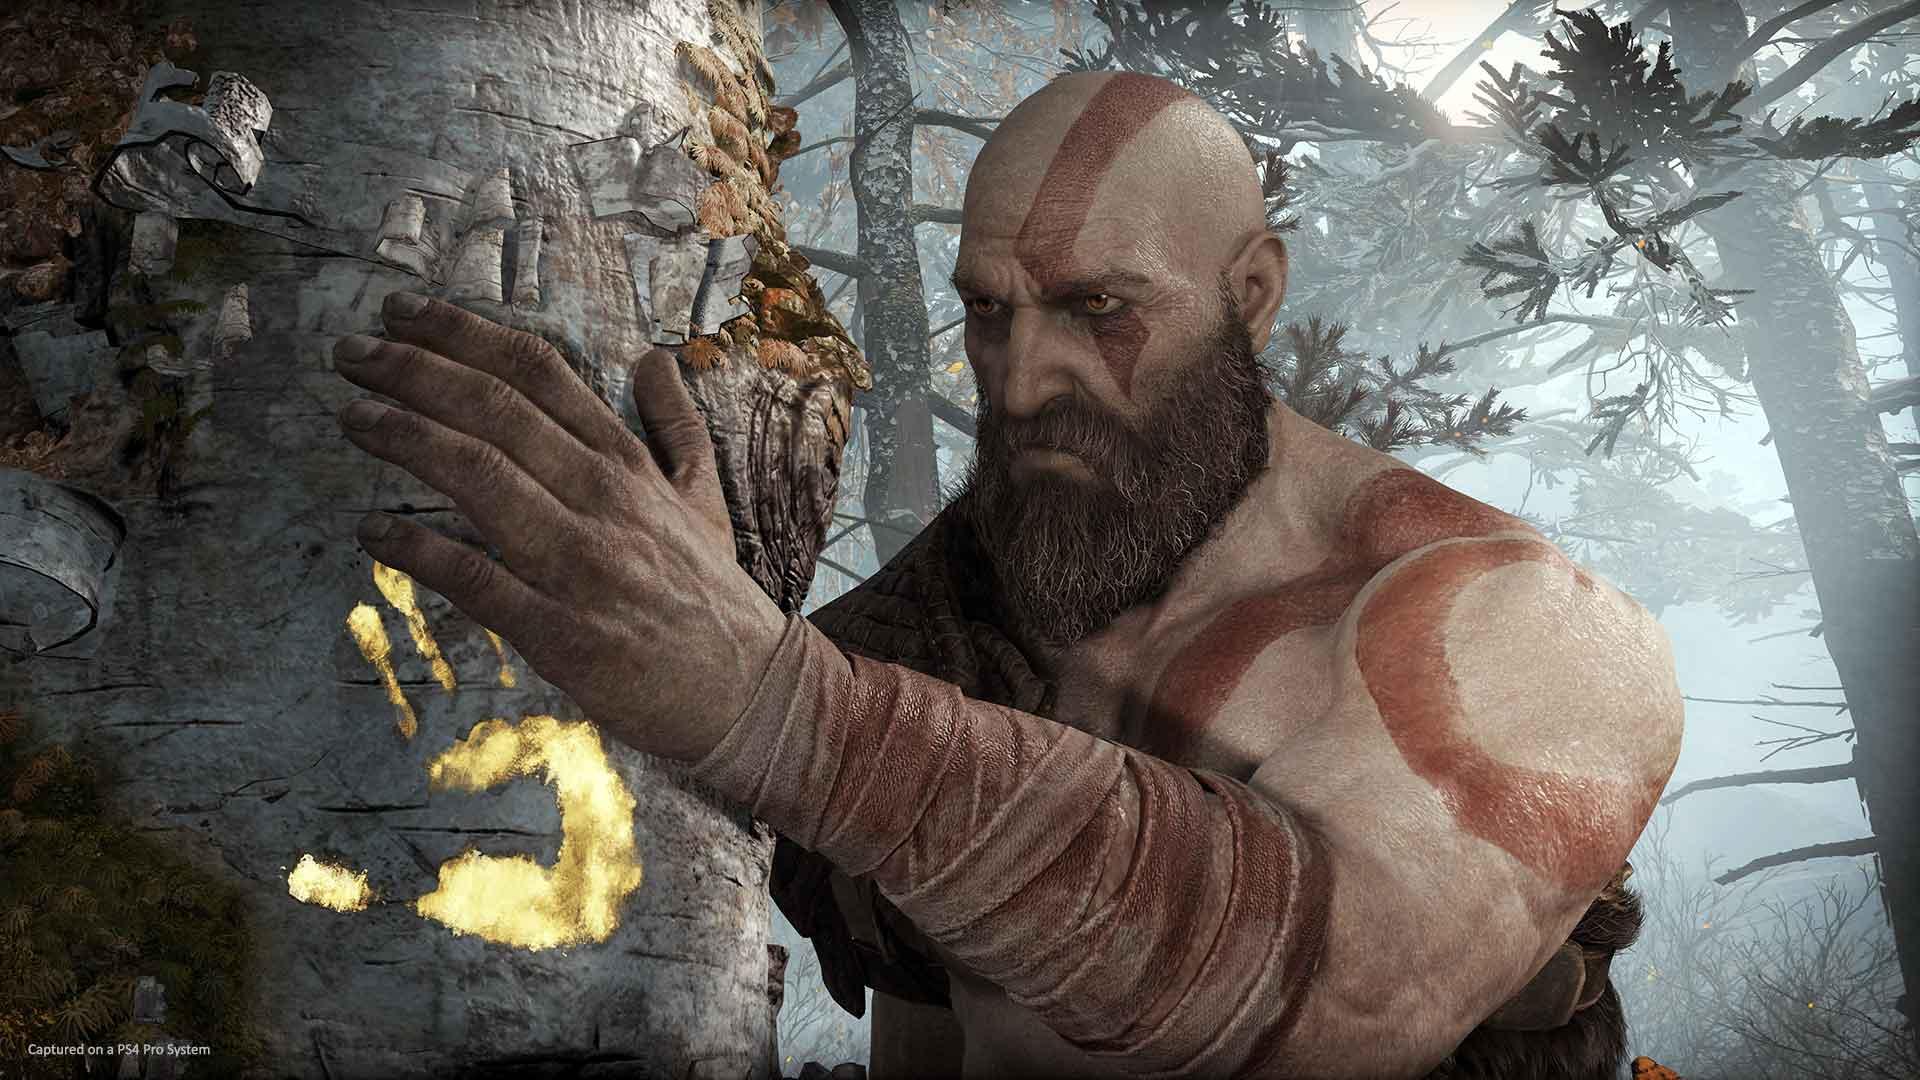 Kratos somber